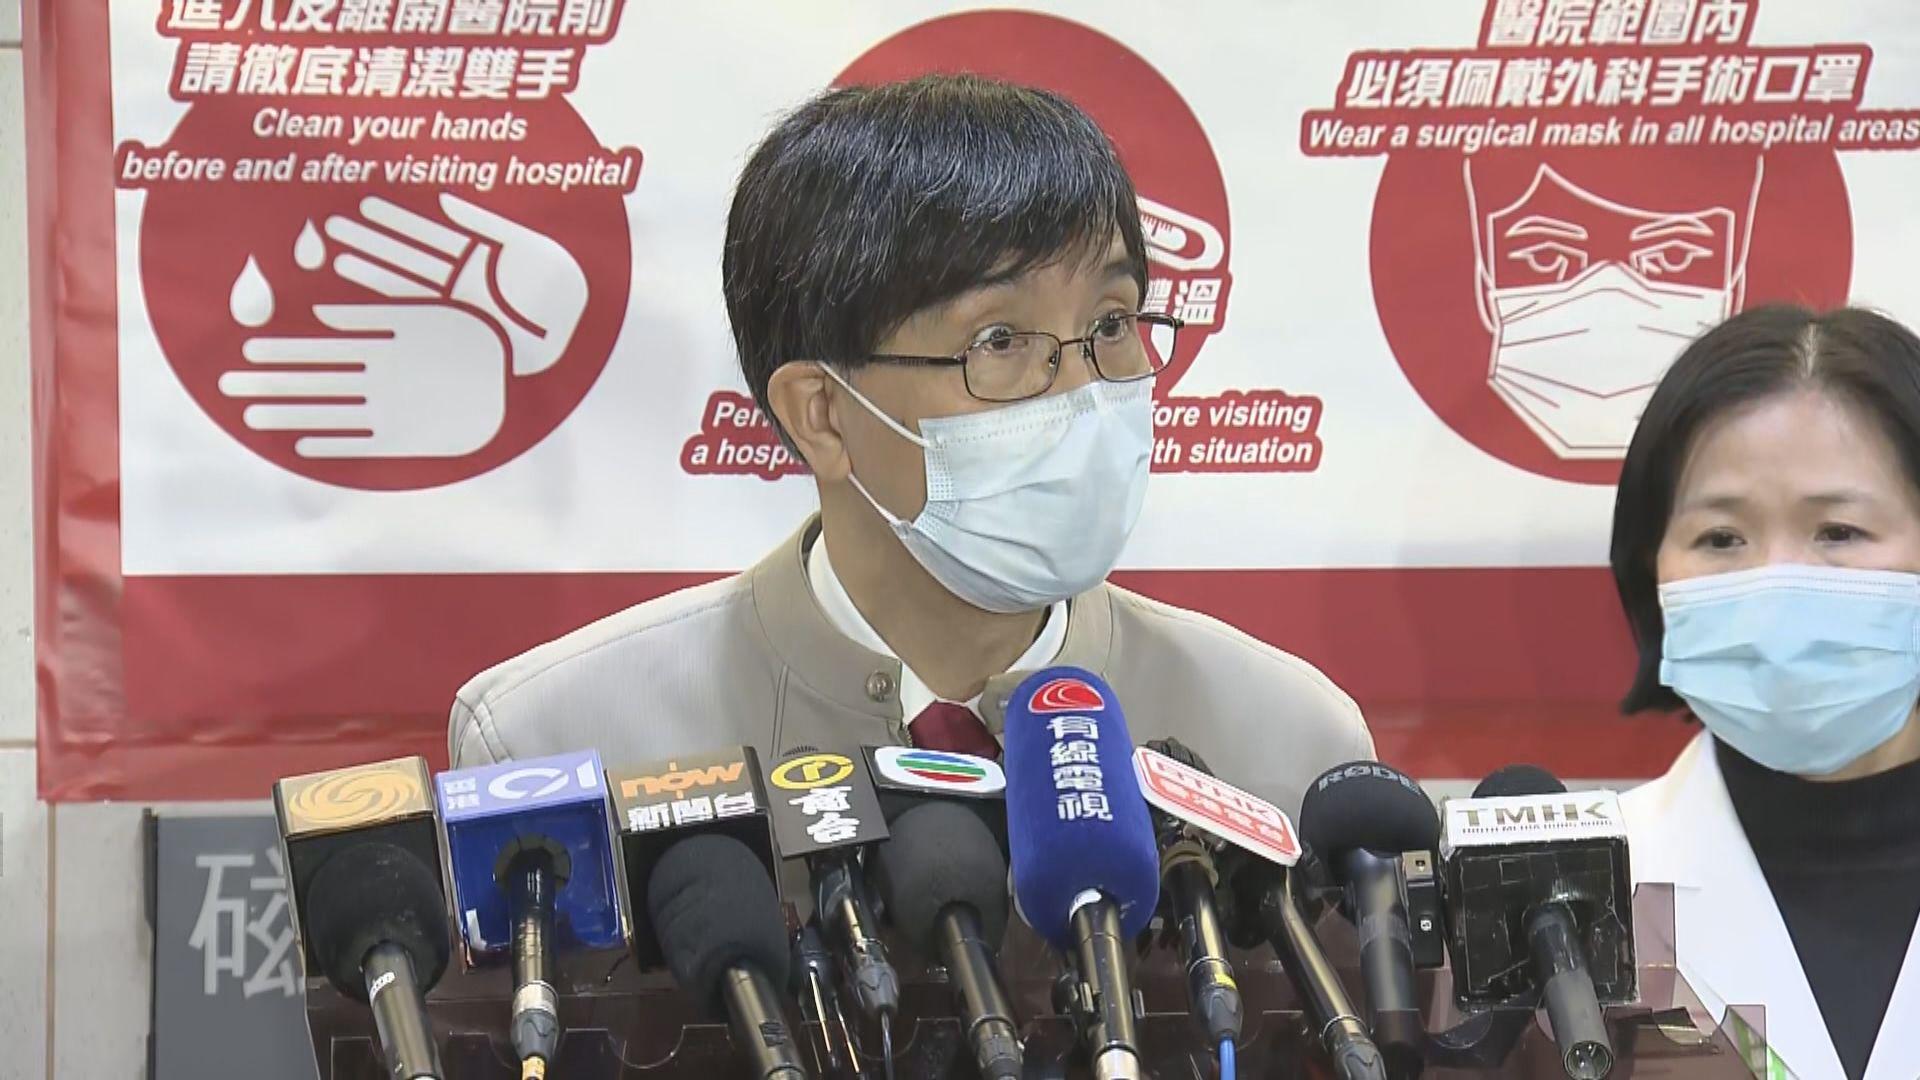 袁國勇:聯合醫院有一名超級傳播者 空氣傳播機會大